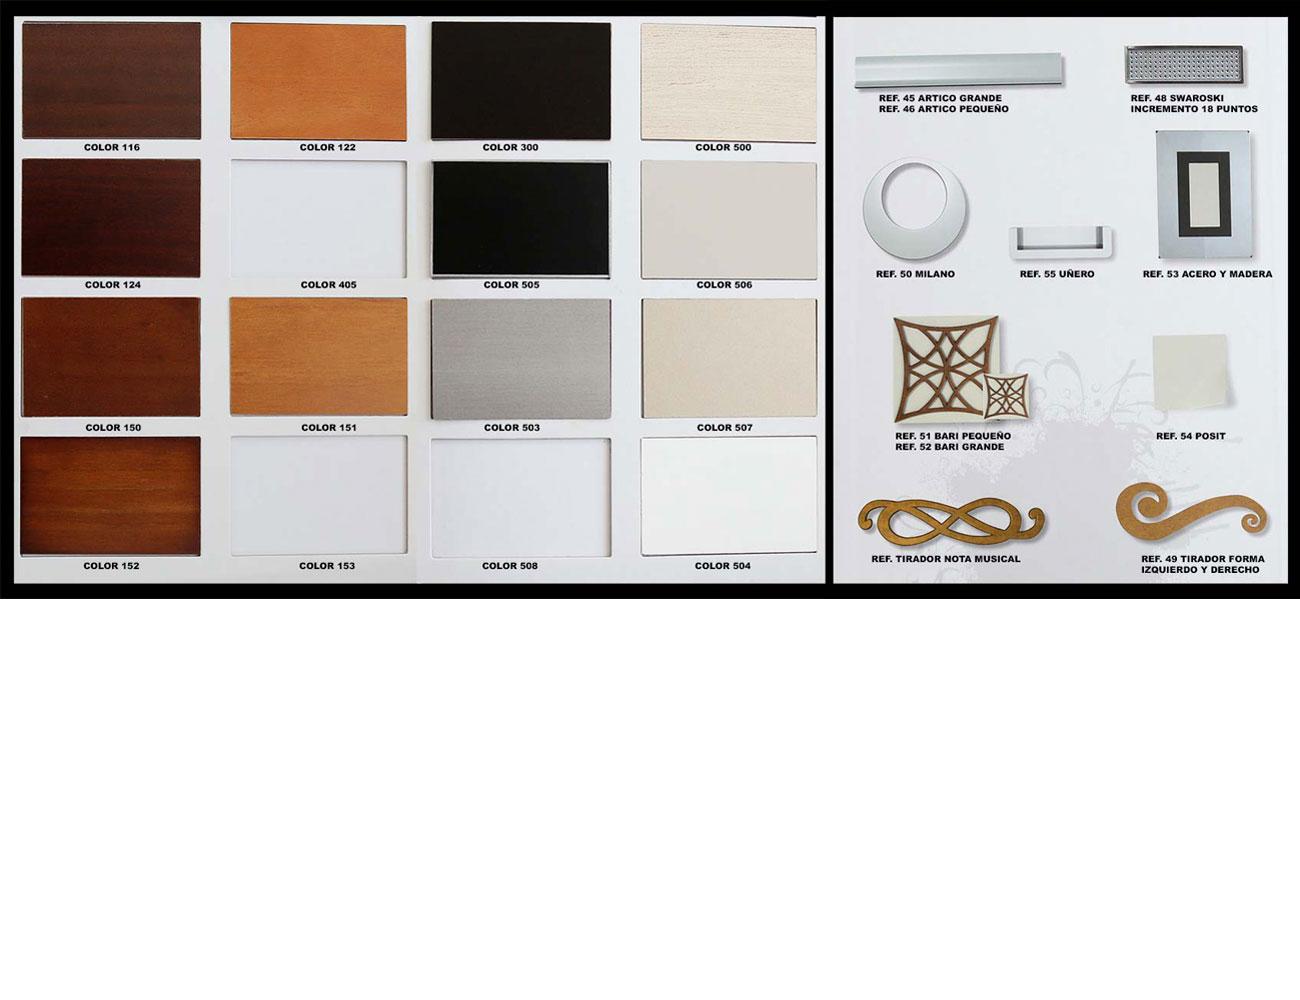 Colores tiradores22